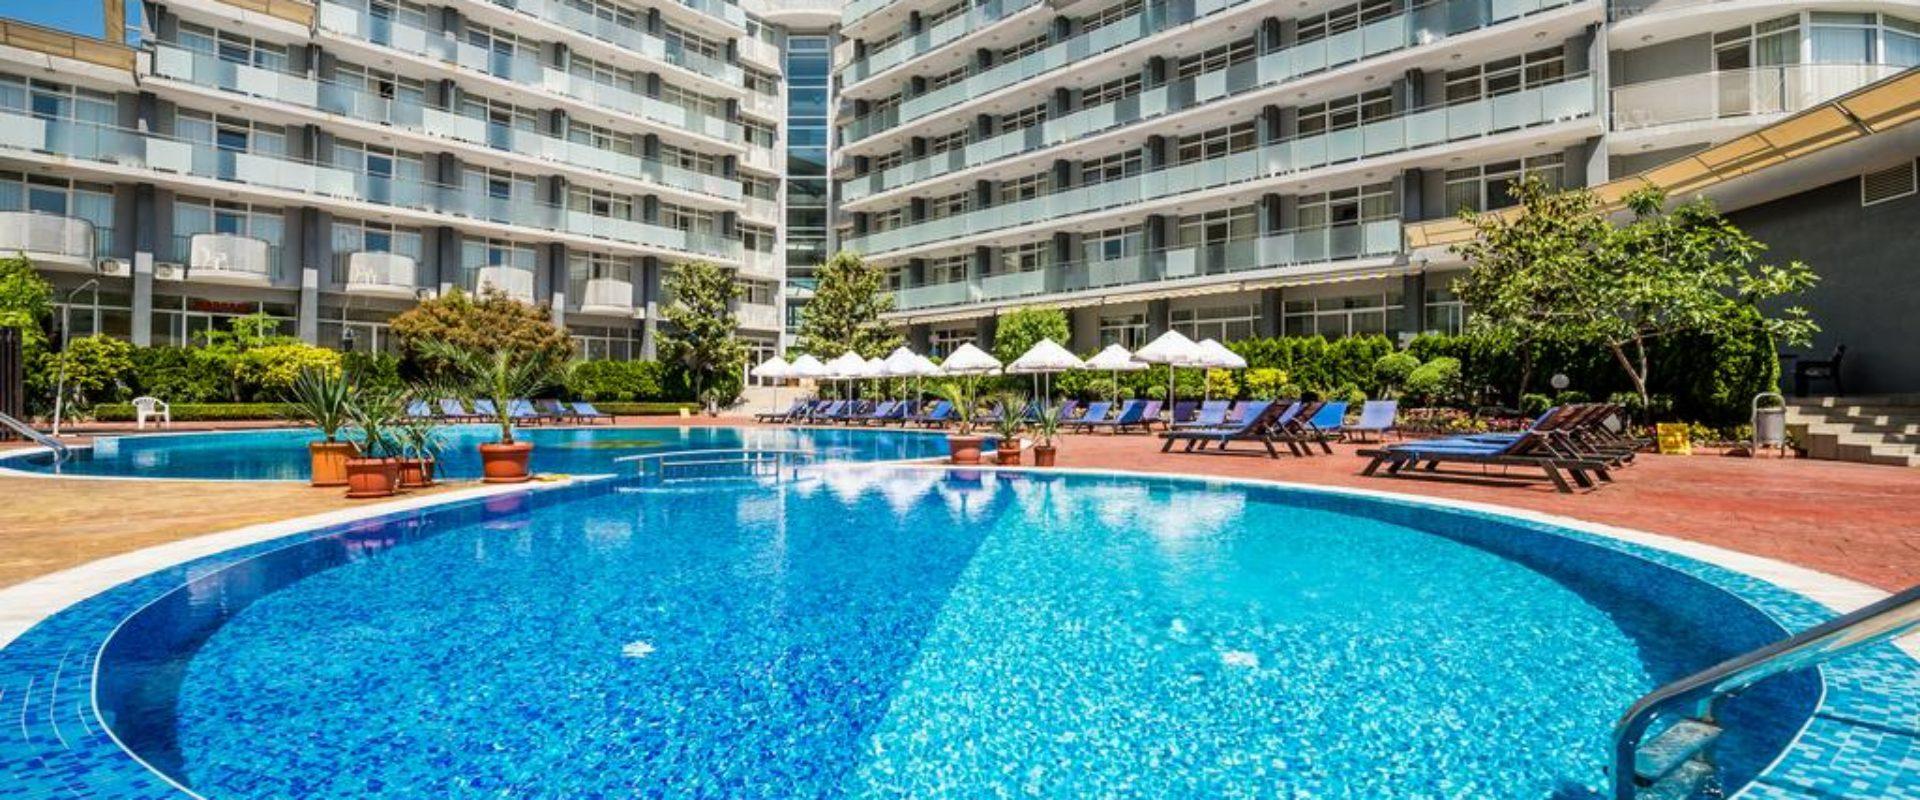 Odihnă all inclusive în Bulgaria, Sunny Beach, Hotel Perla